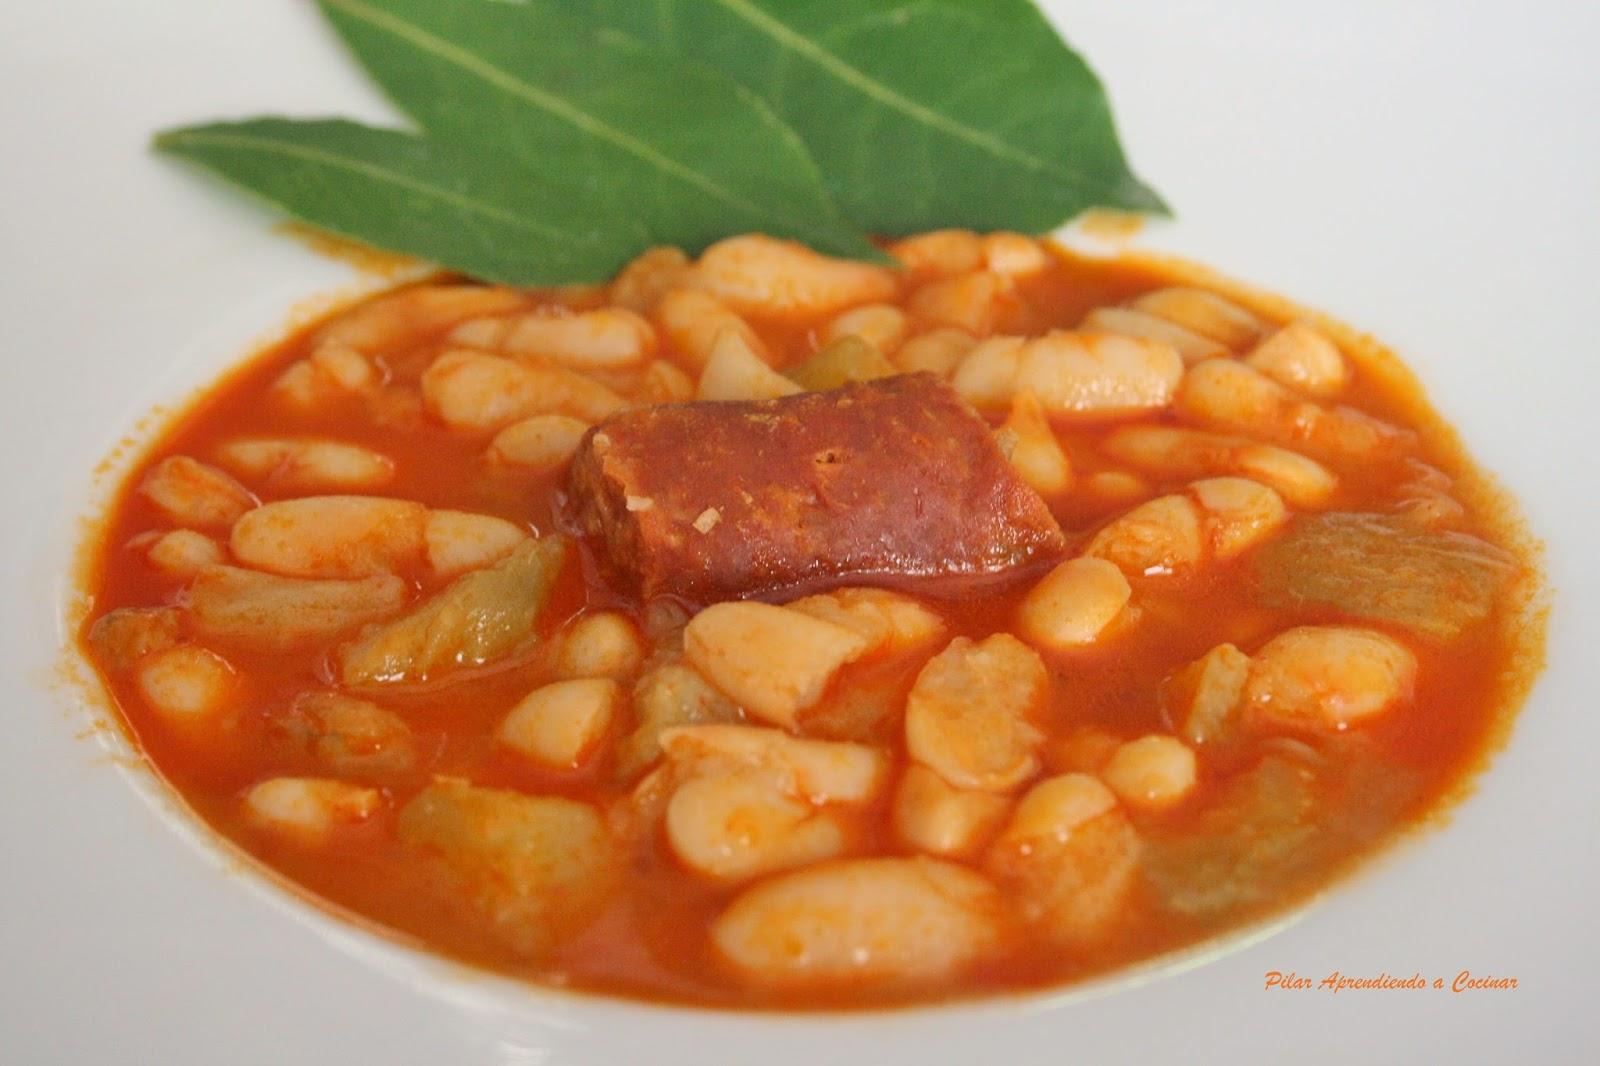 Aprendiendo A Cocinar Potaje De Habichuelas Con Chorizo